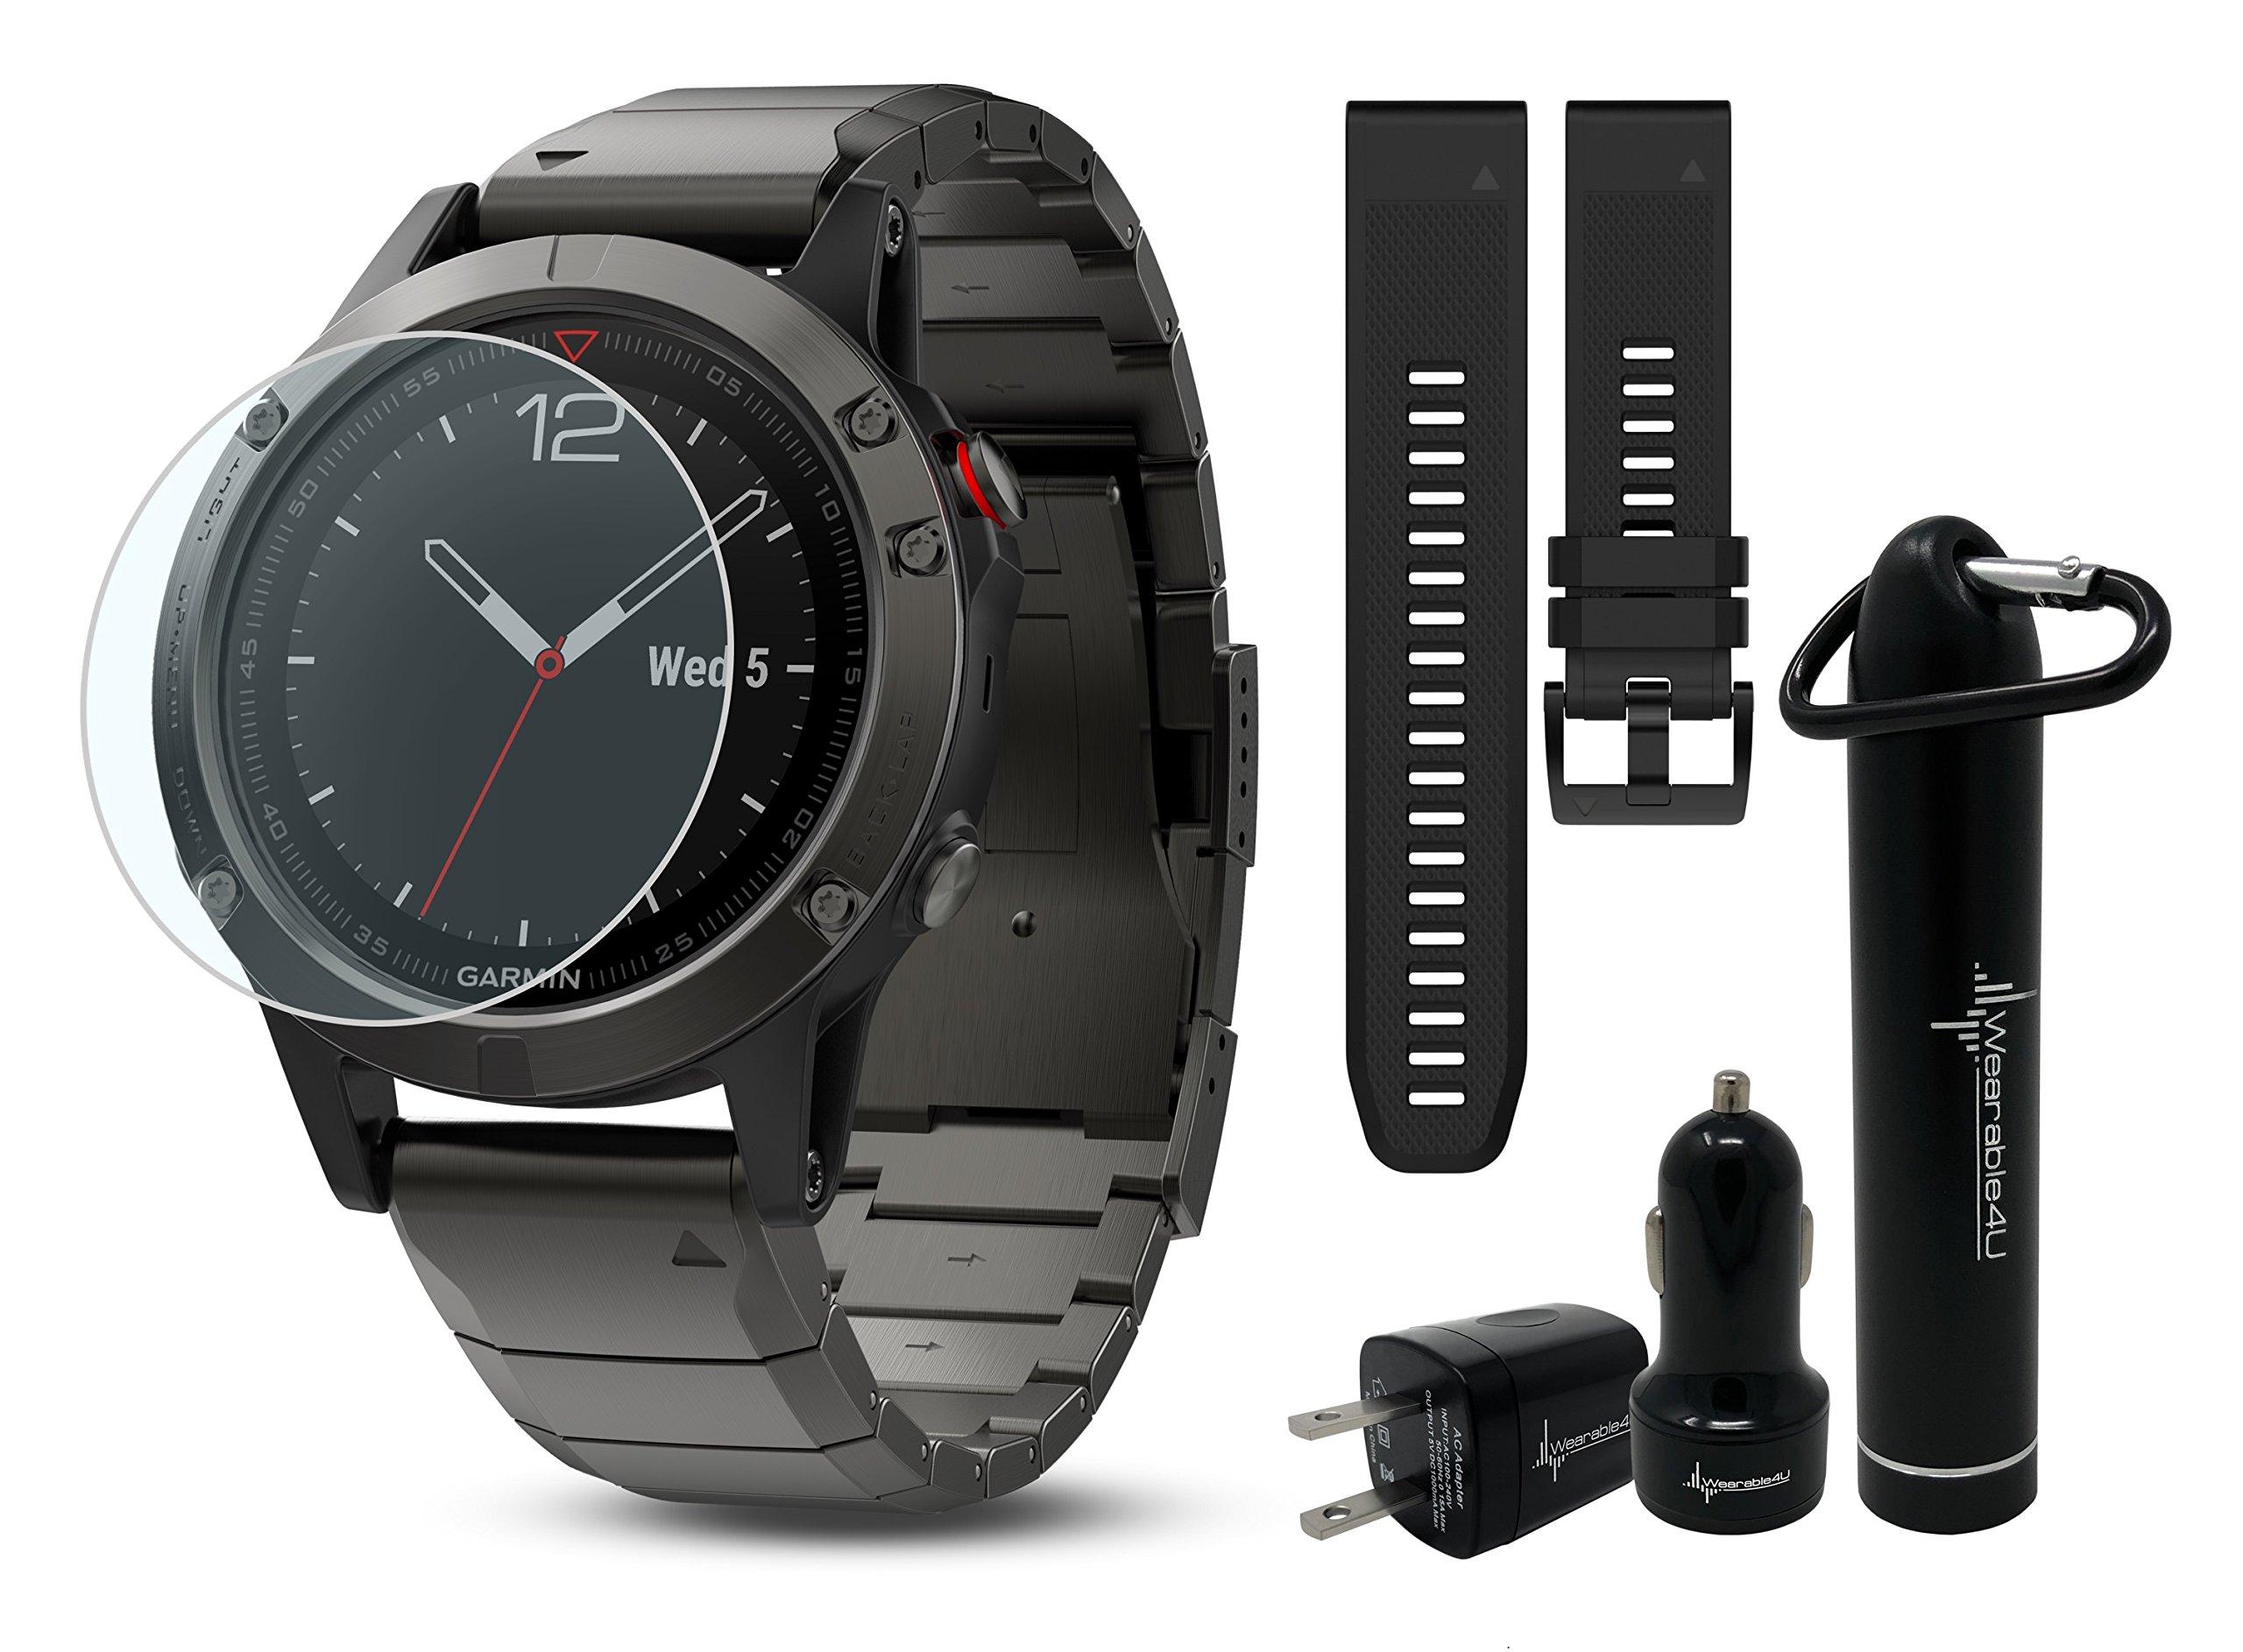 Garmin Fenix 5 GPS Multisport Watch Ultimate Bundle | Includes Garmin Fenix 5 Watch (47mm), HD Glass Screen Protector, Wearable4U Power Bank, Wearable4U Car / Wall USB Charging Adapters |